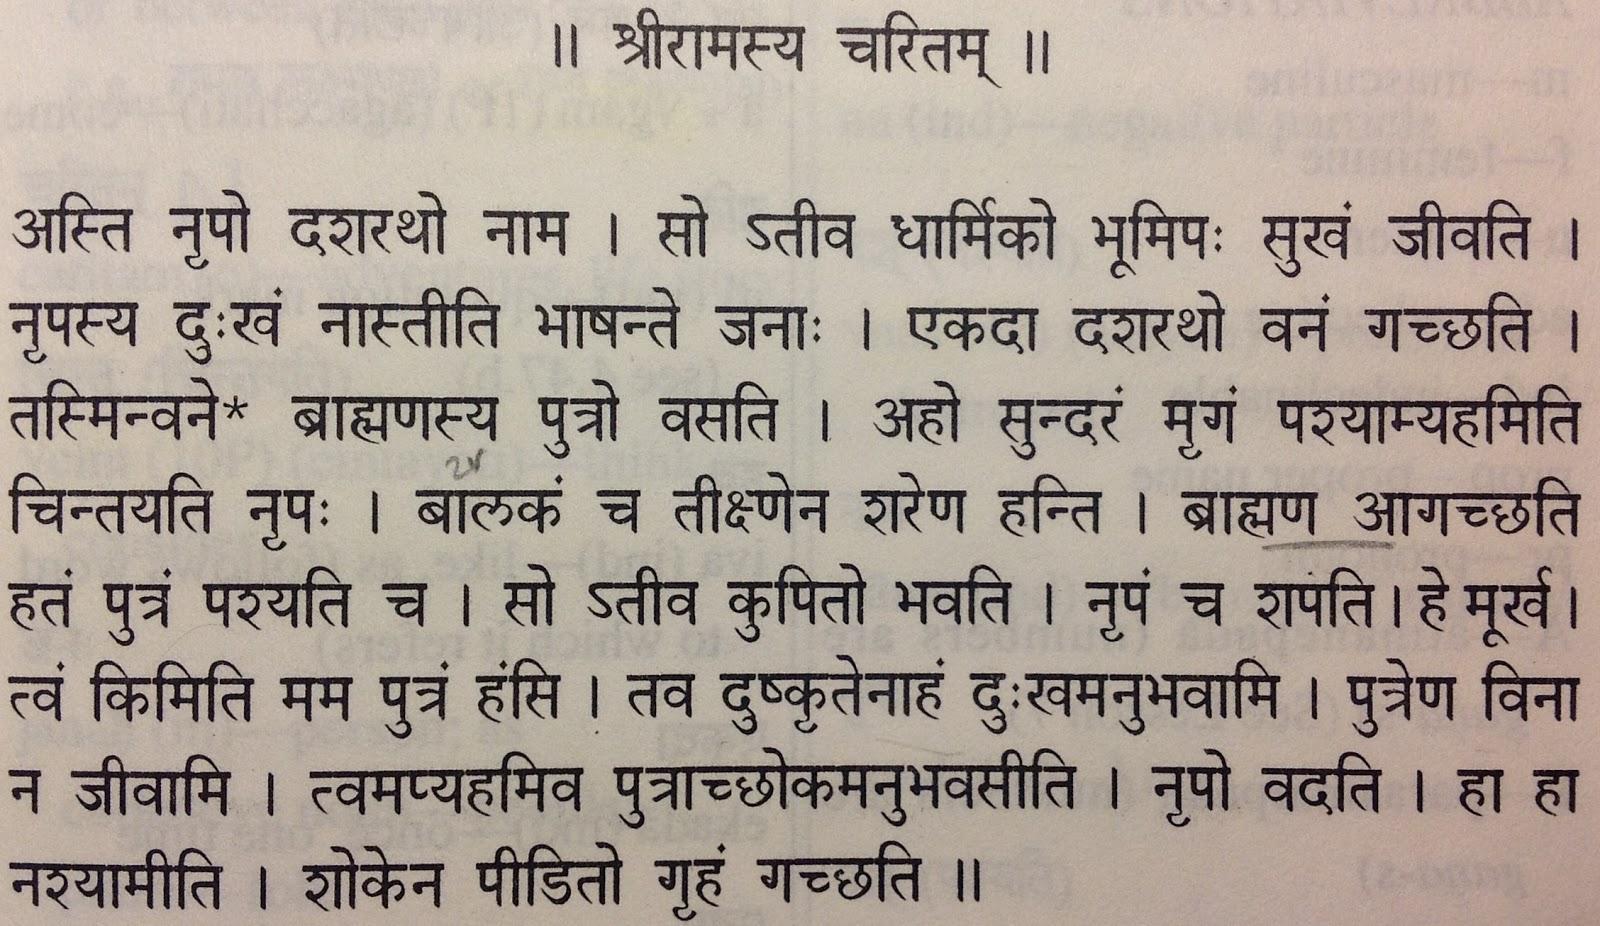 Поздравление на хинди с переводом 76